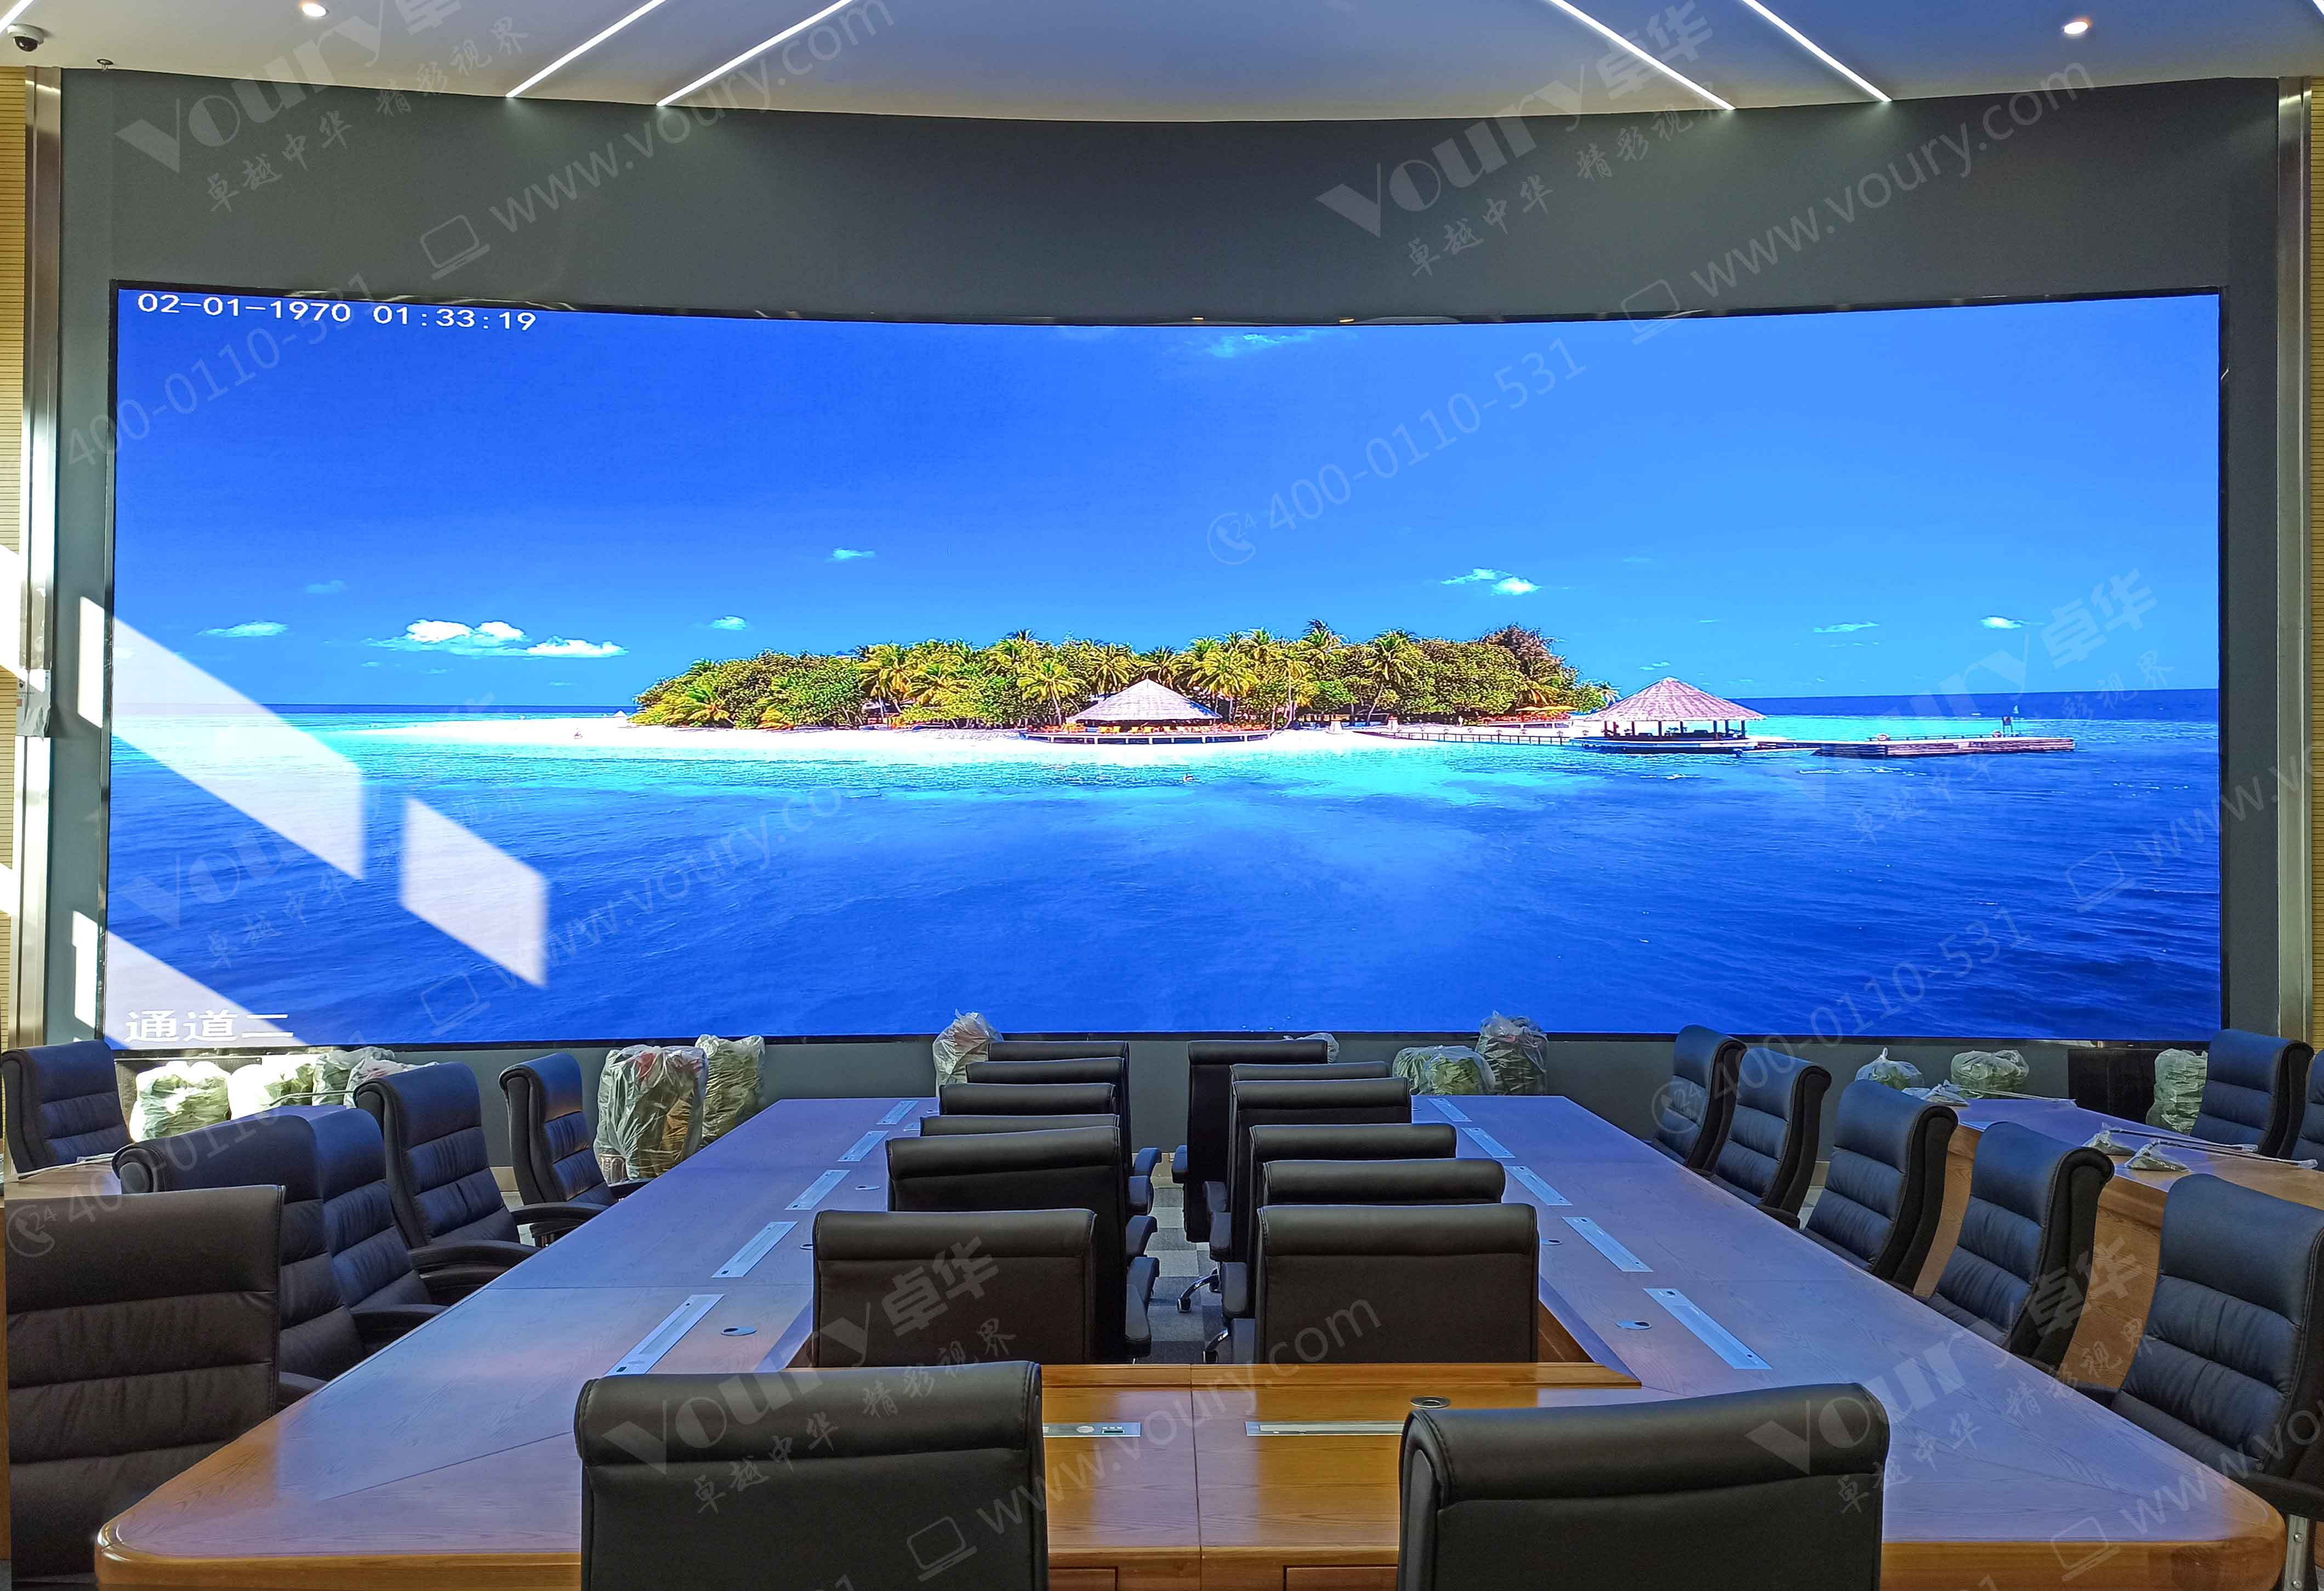 室内小间距LED官网_知名led电子显示屏平台-卓华光电科技集团秒速时时彩